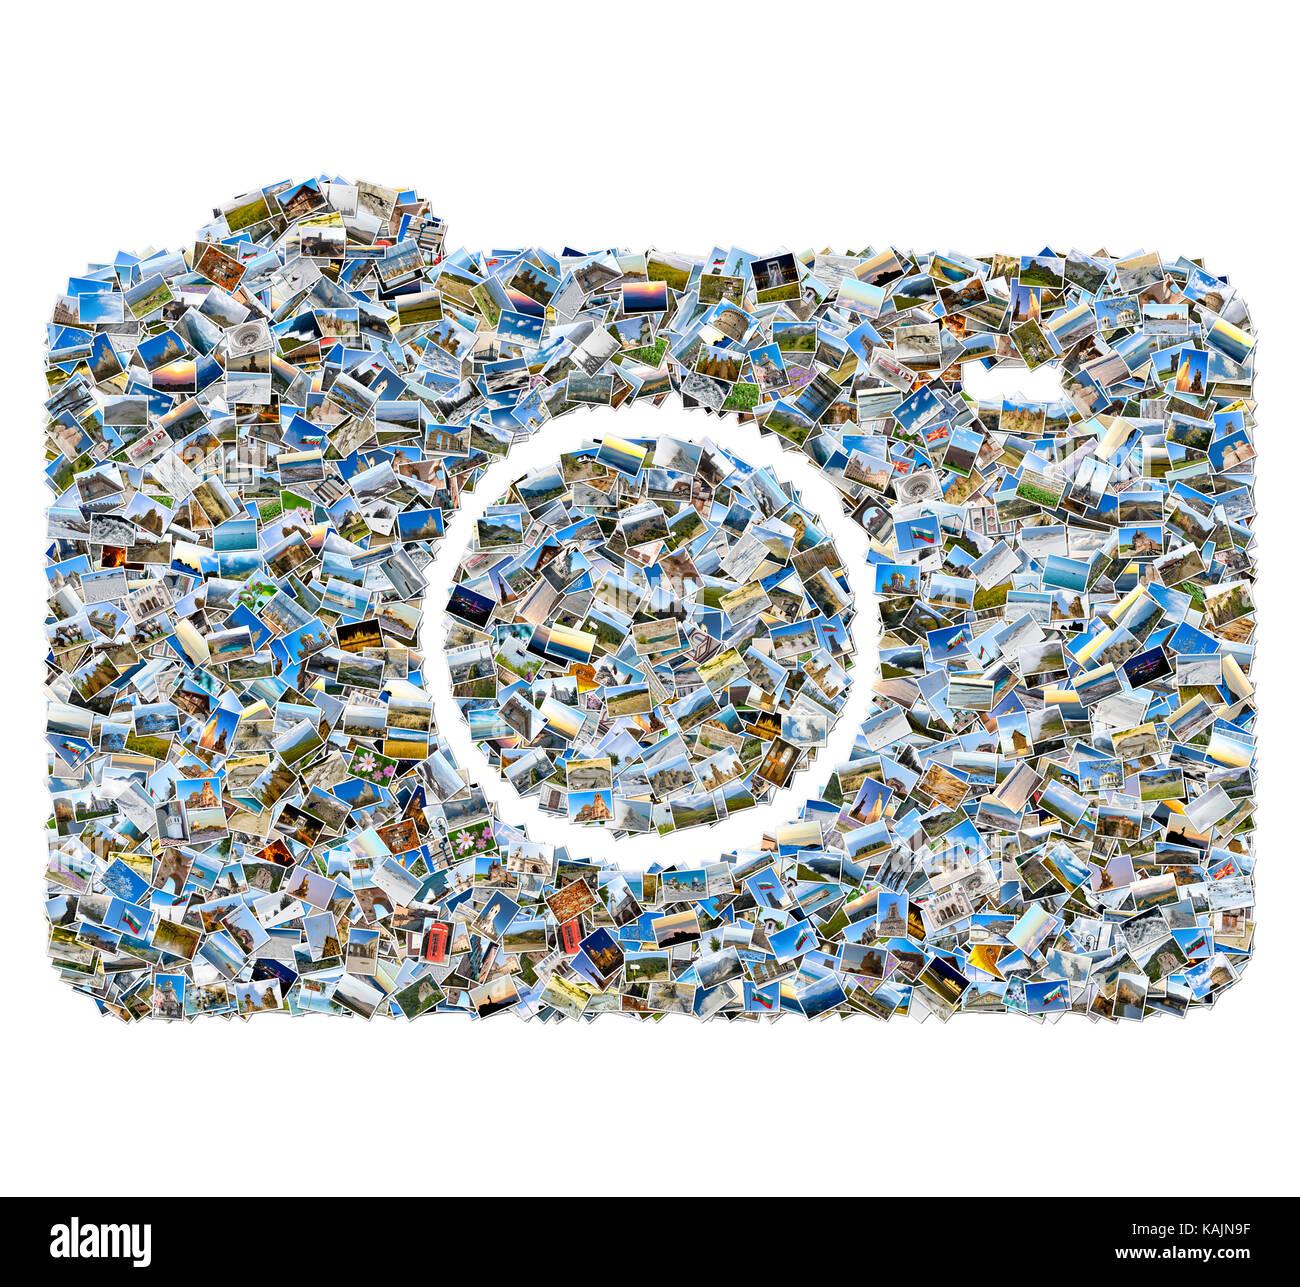 Collage of travel photos - mosaic photo camera isolated on white background - Stock Image